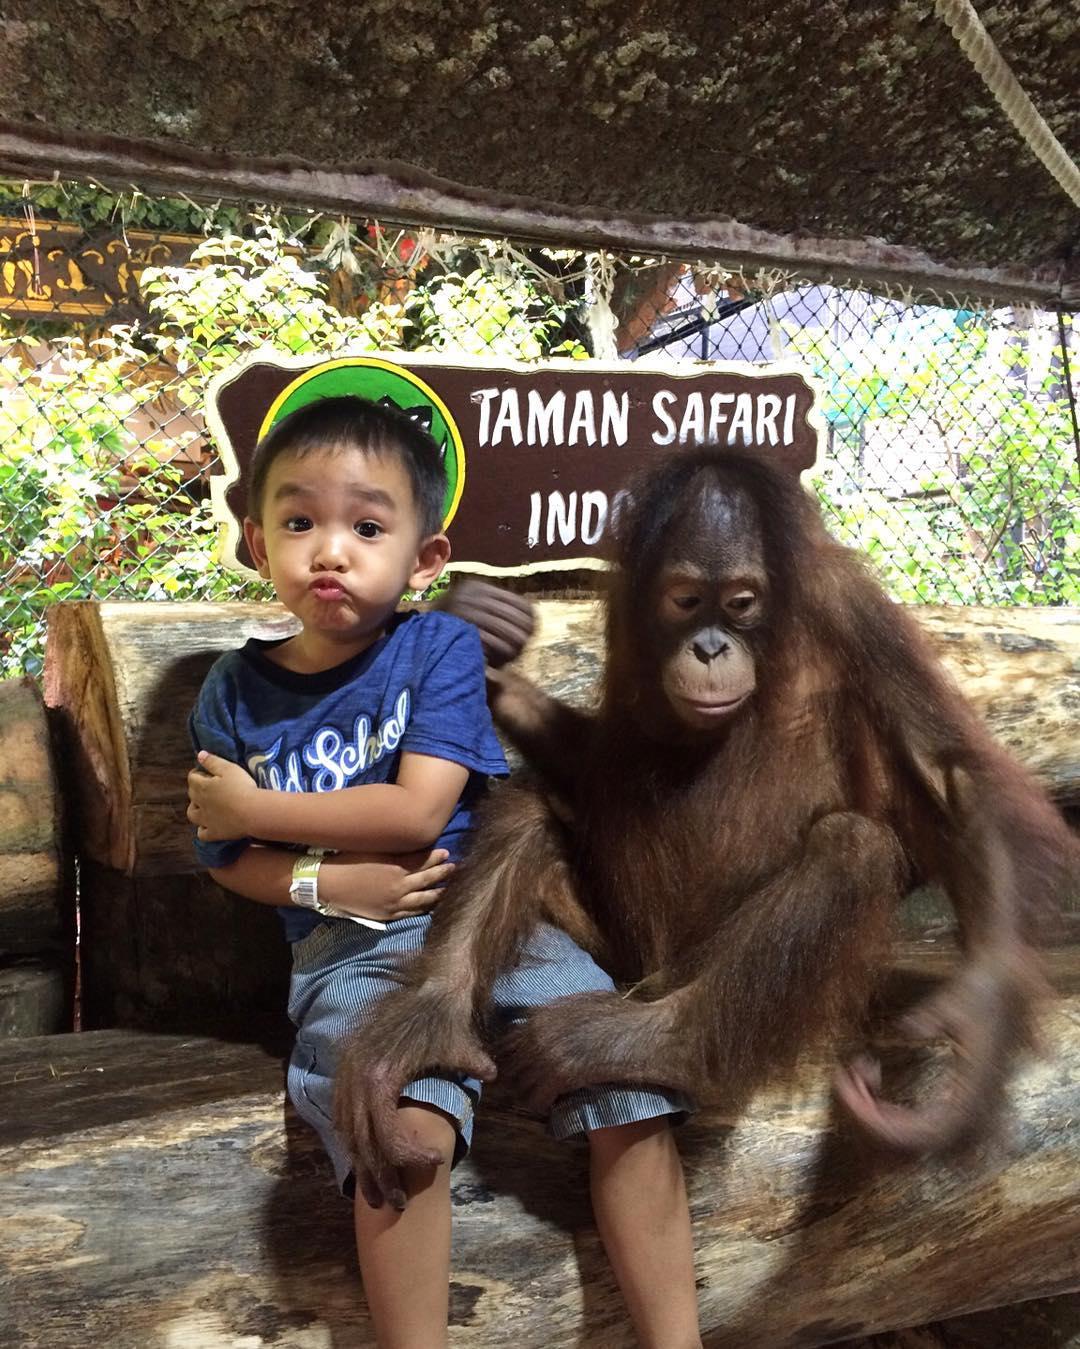 foto bersama orang utan di taman safari cisarua bogor